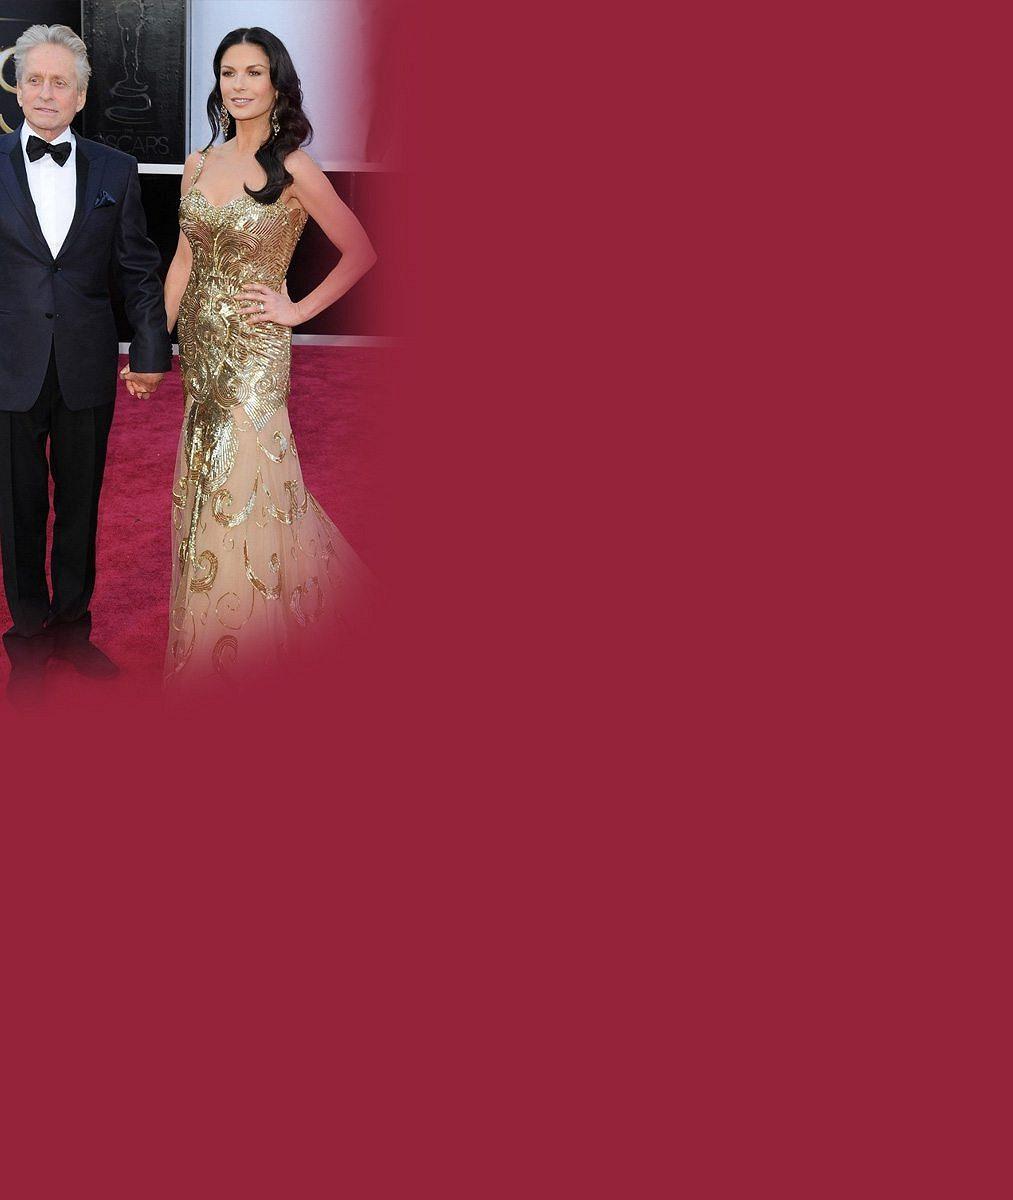 Slavný herecký pár slaví jubileum: 7fotek zachycujících bouřlivý vztah Michaela Douglase ao25let mladší Catherine Zety-Jones